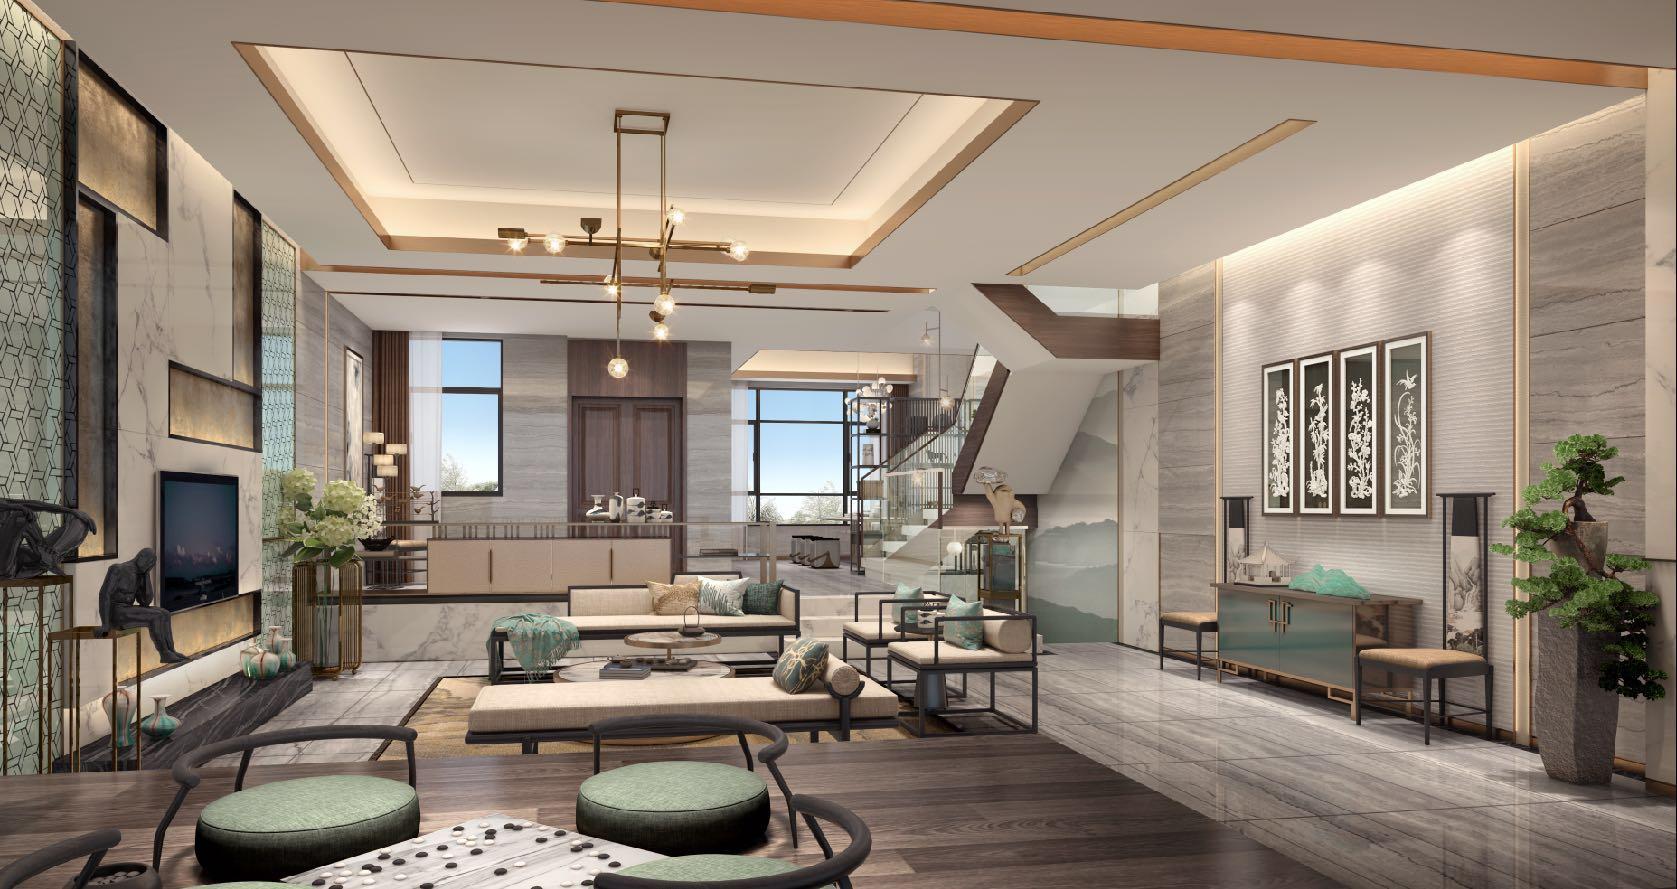 欧式 白领 小资 别墅 客厅图片来自文华东方工程设计在文华权设计--惠州白鹭湖别墅的分享